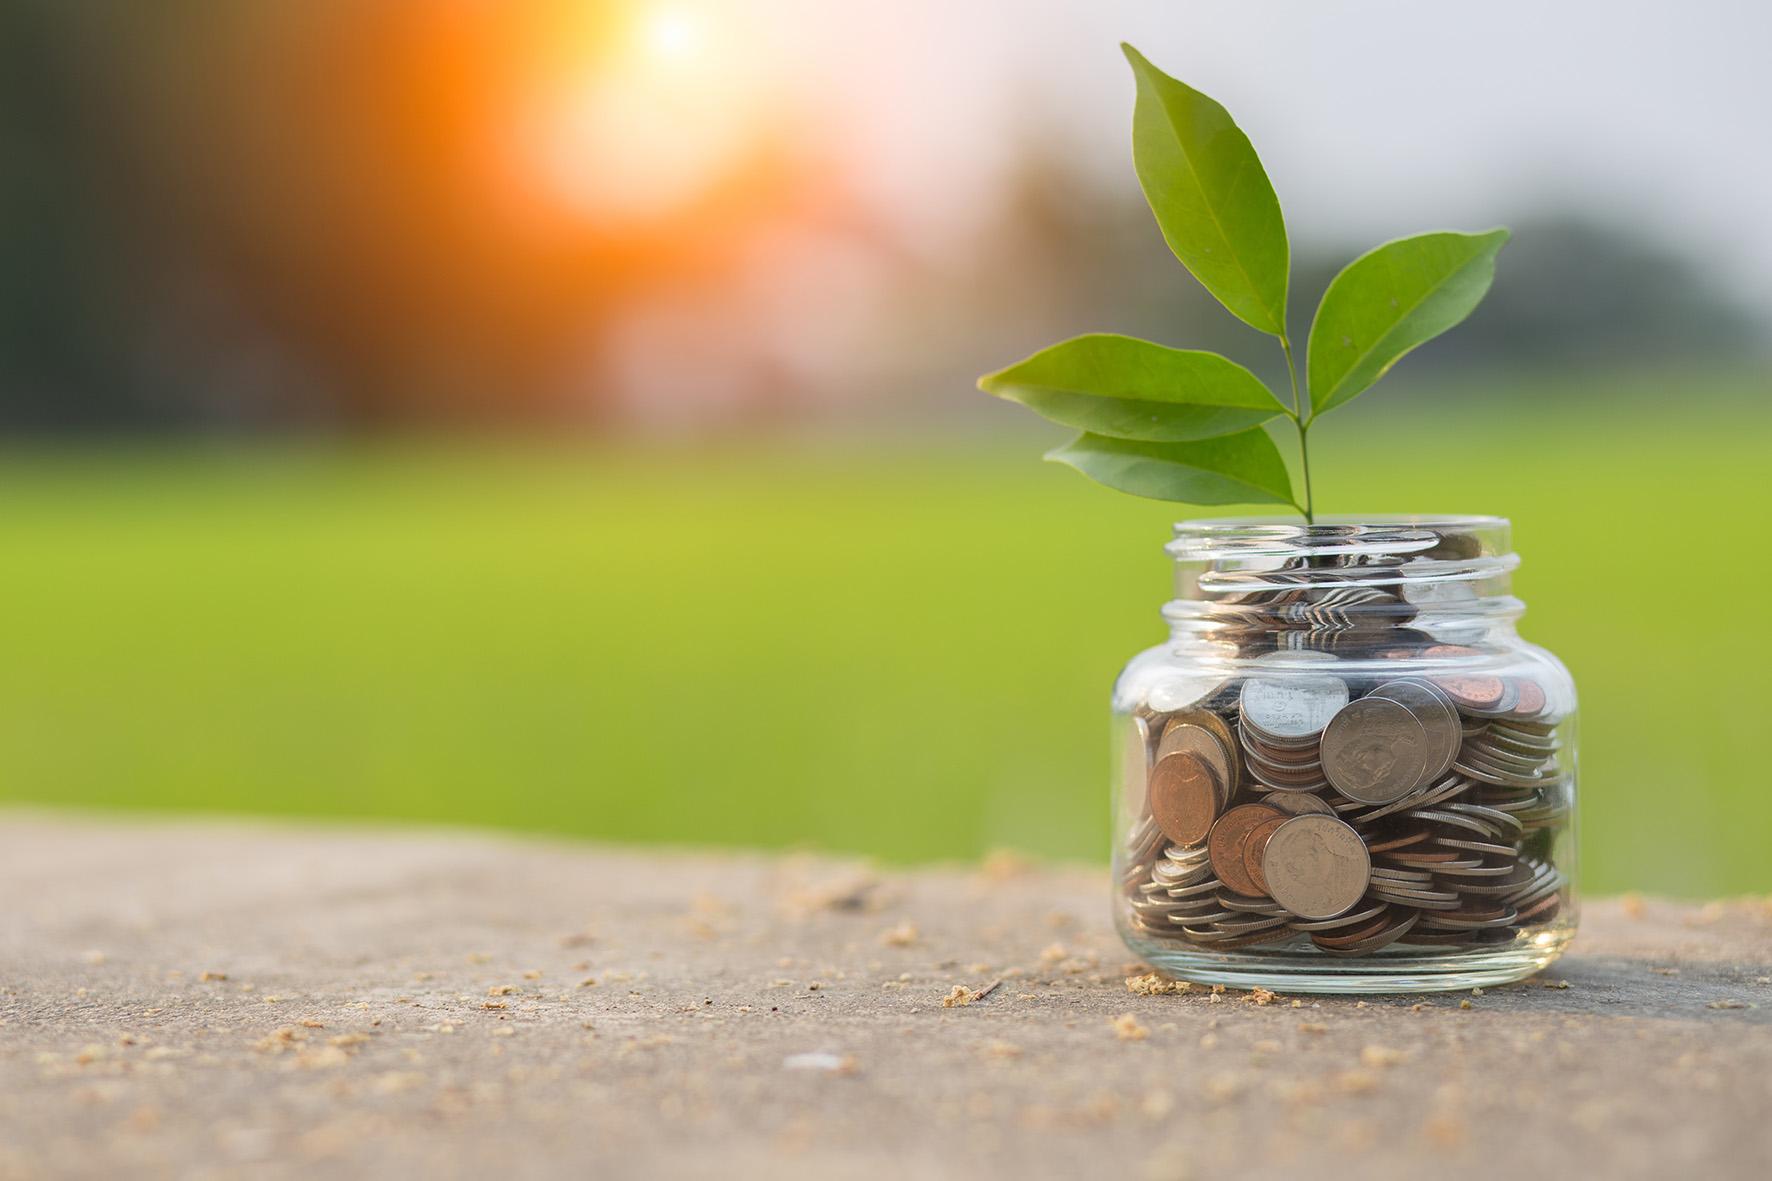 Honorar – ein Glas mit Geld aus dem eine Pflanze wächst